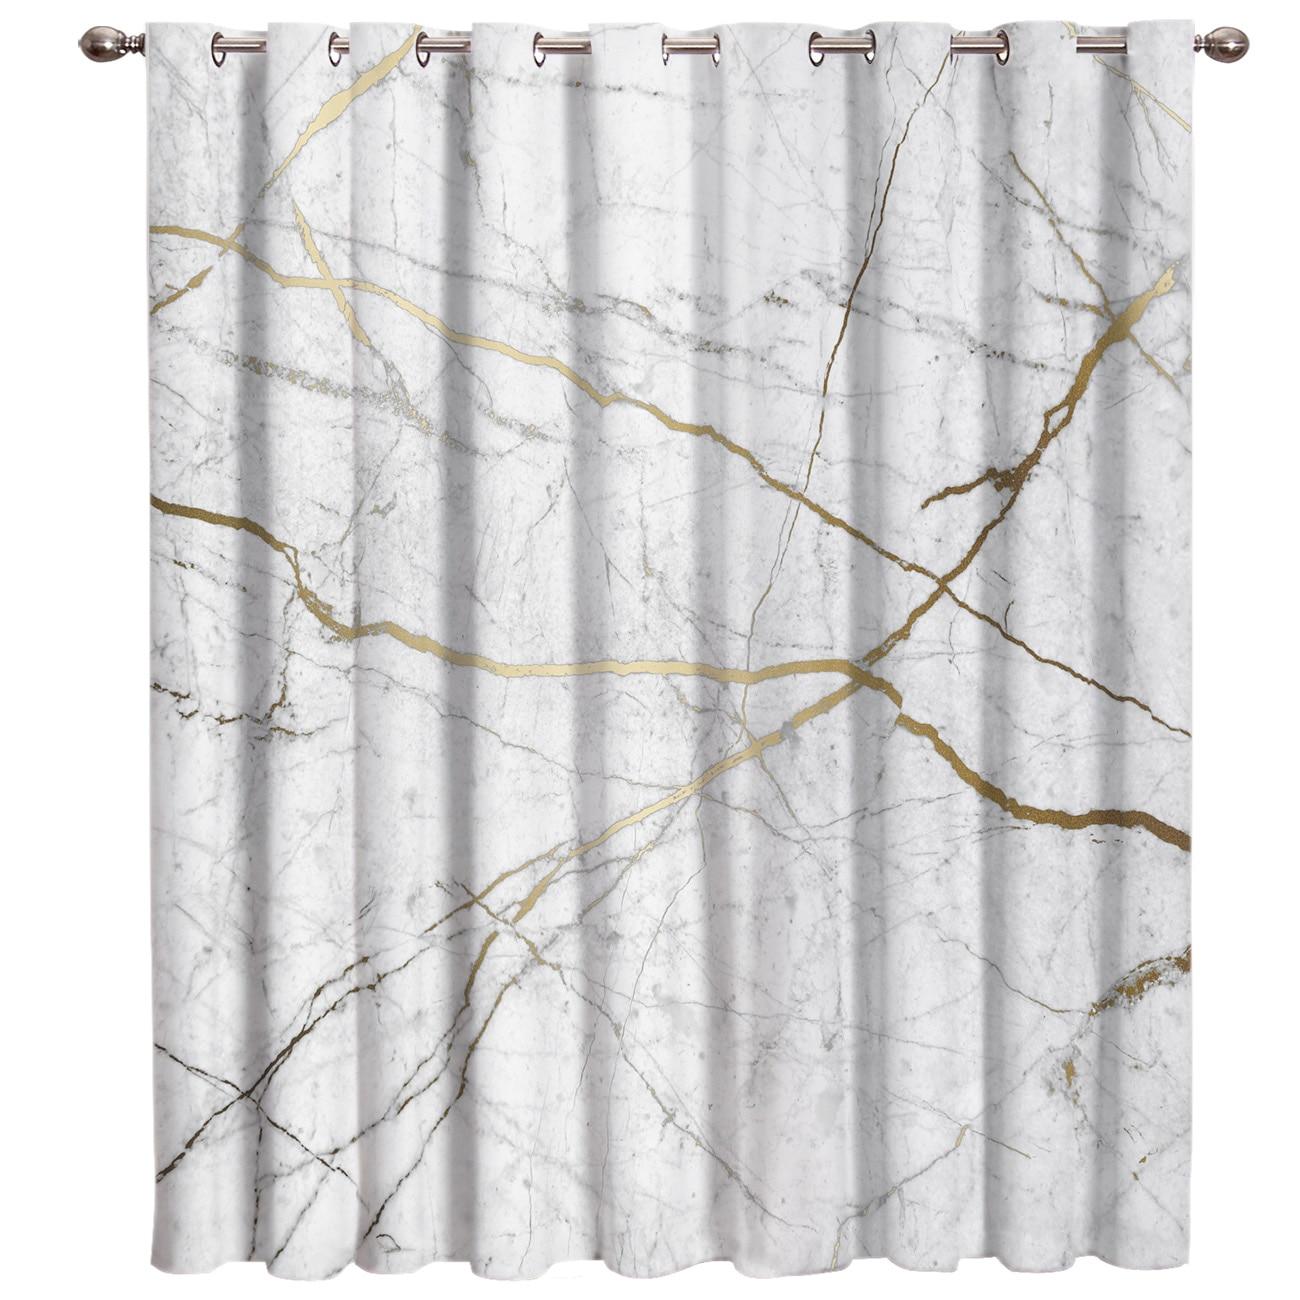 Cortinas de ventana de tendencia de mármol de Flash dorado cortinas de ventana de Valance cortinas de cortina oscura Barra de sala de estar Blackout cocina al aire libre